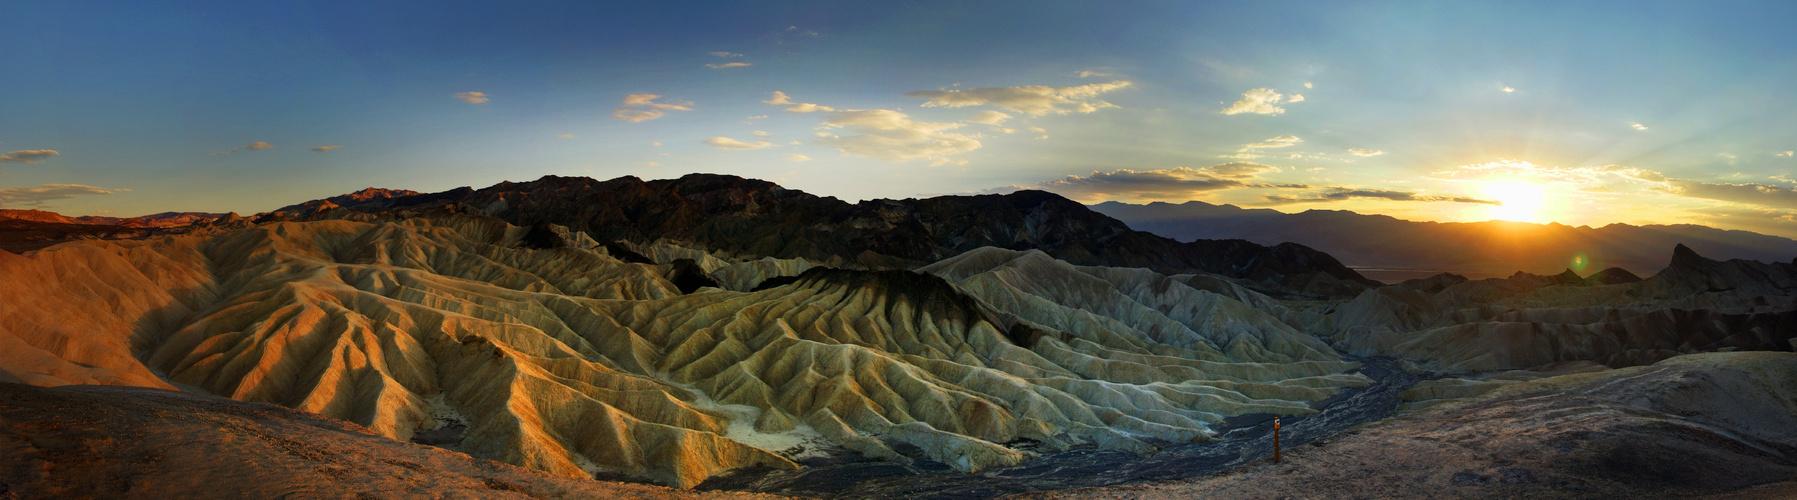 Death Valley Sunset at Zabriski Point